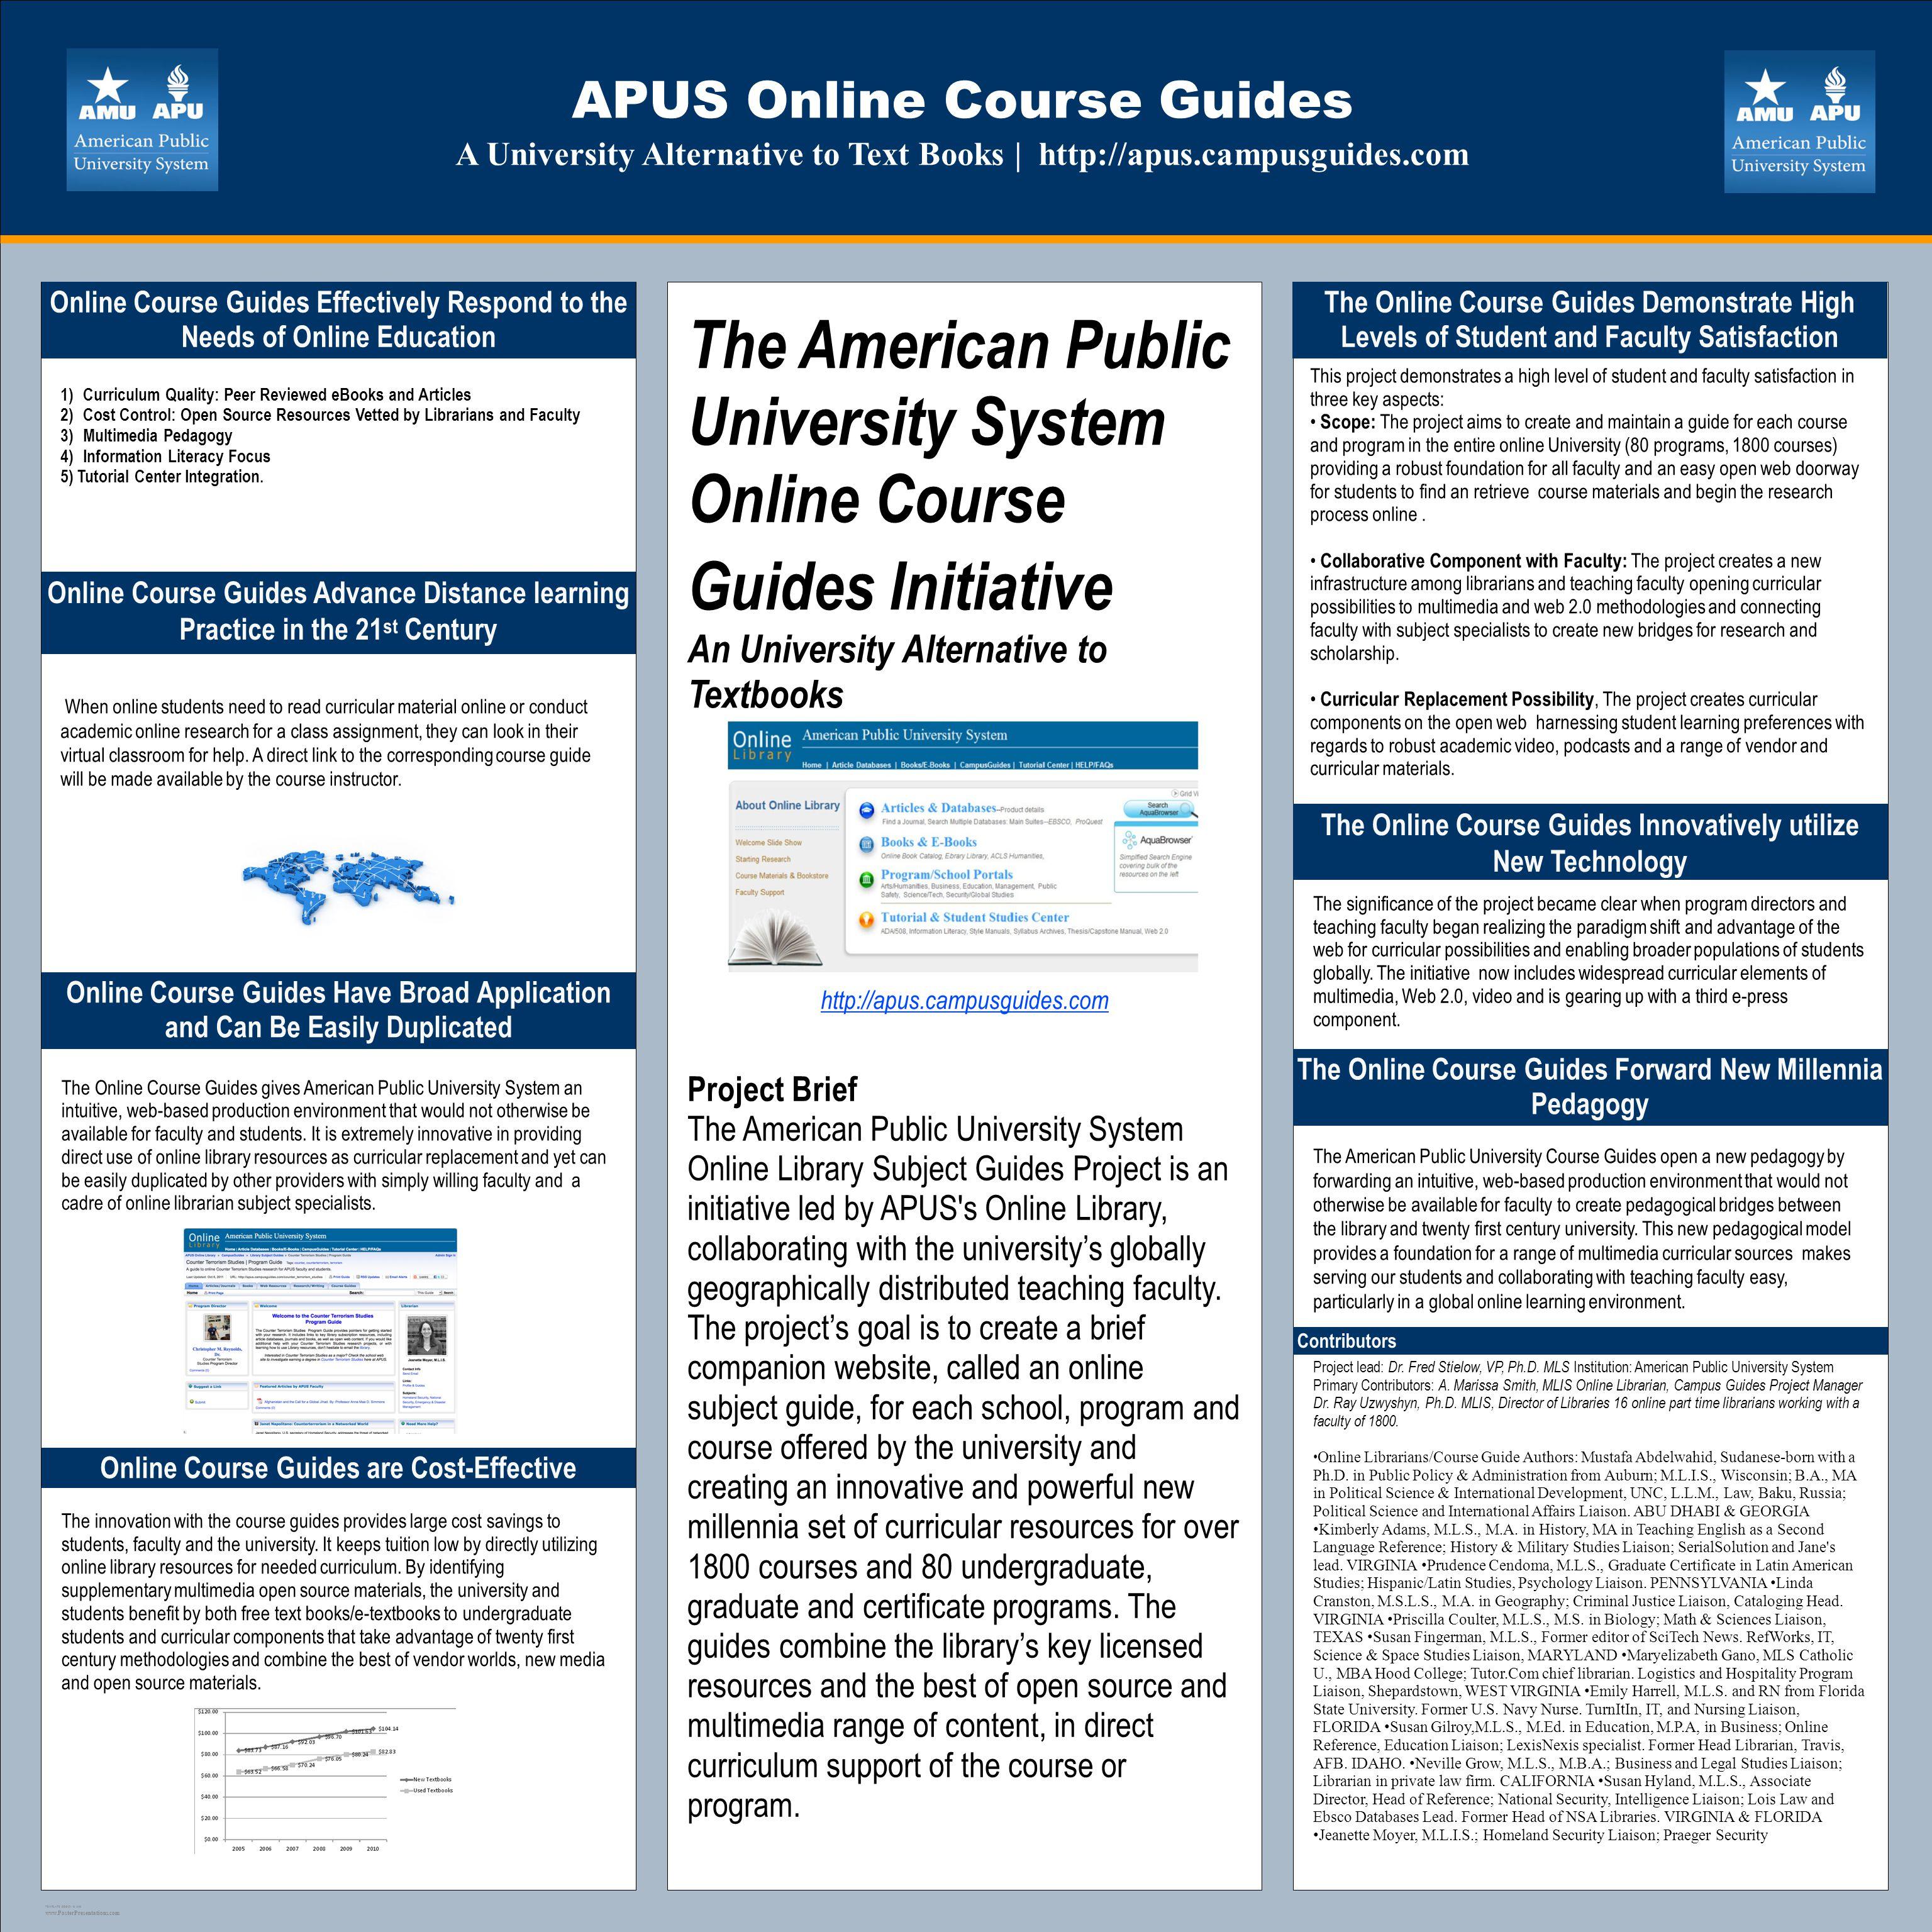 TEMPLATE DESIGN © APUS Online Course Guides A University Alternative ...